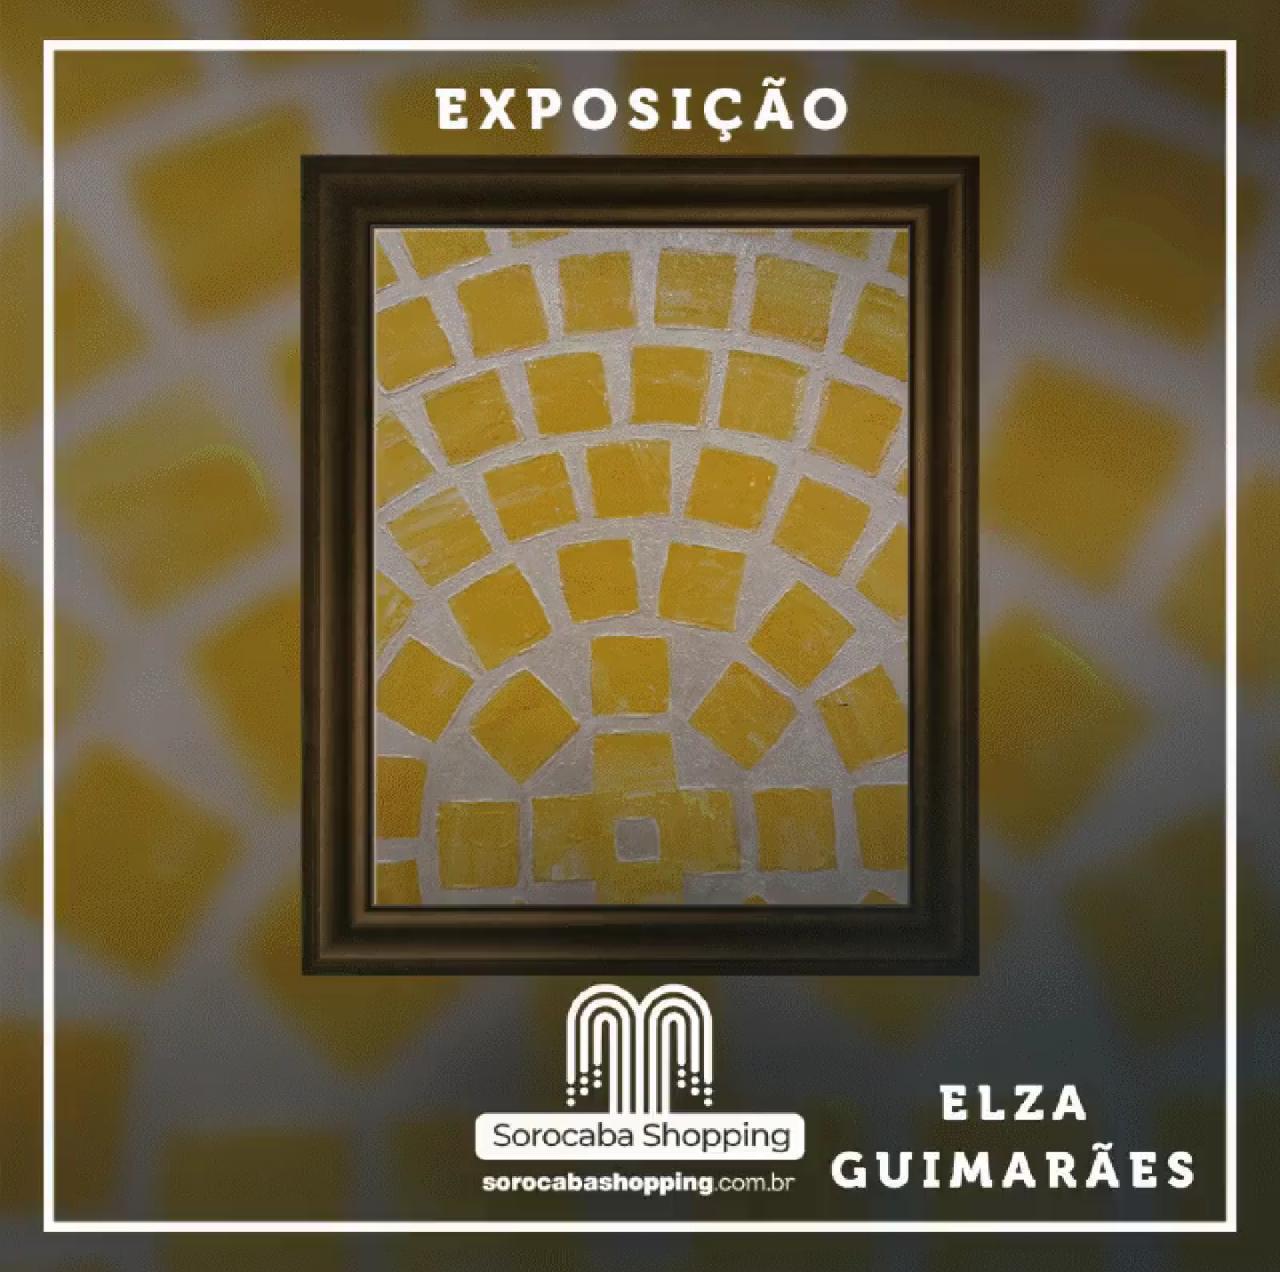 [Finalizado] Exposição de Arte: Elza Guimarães